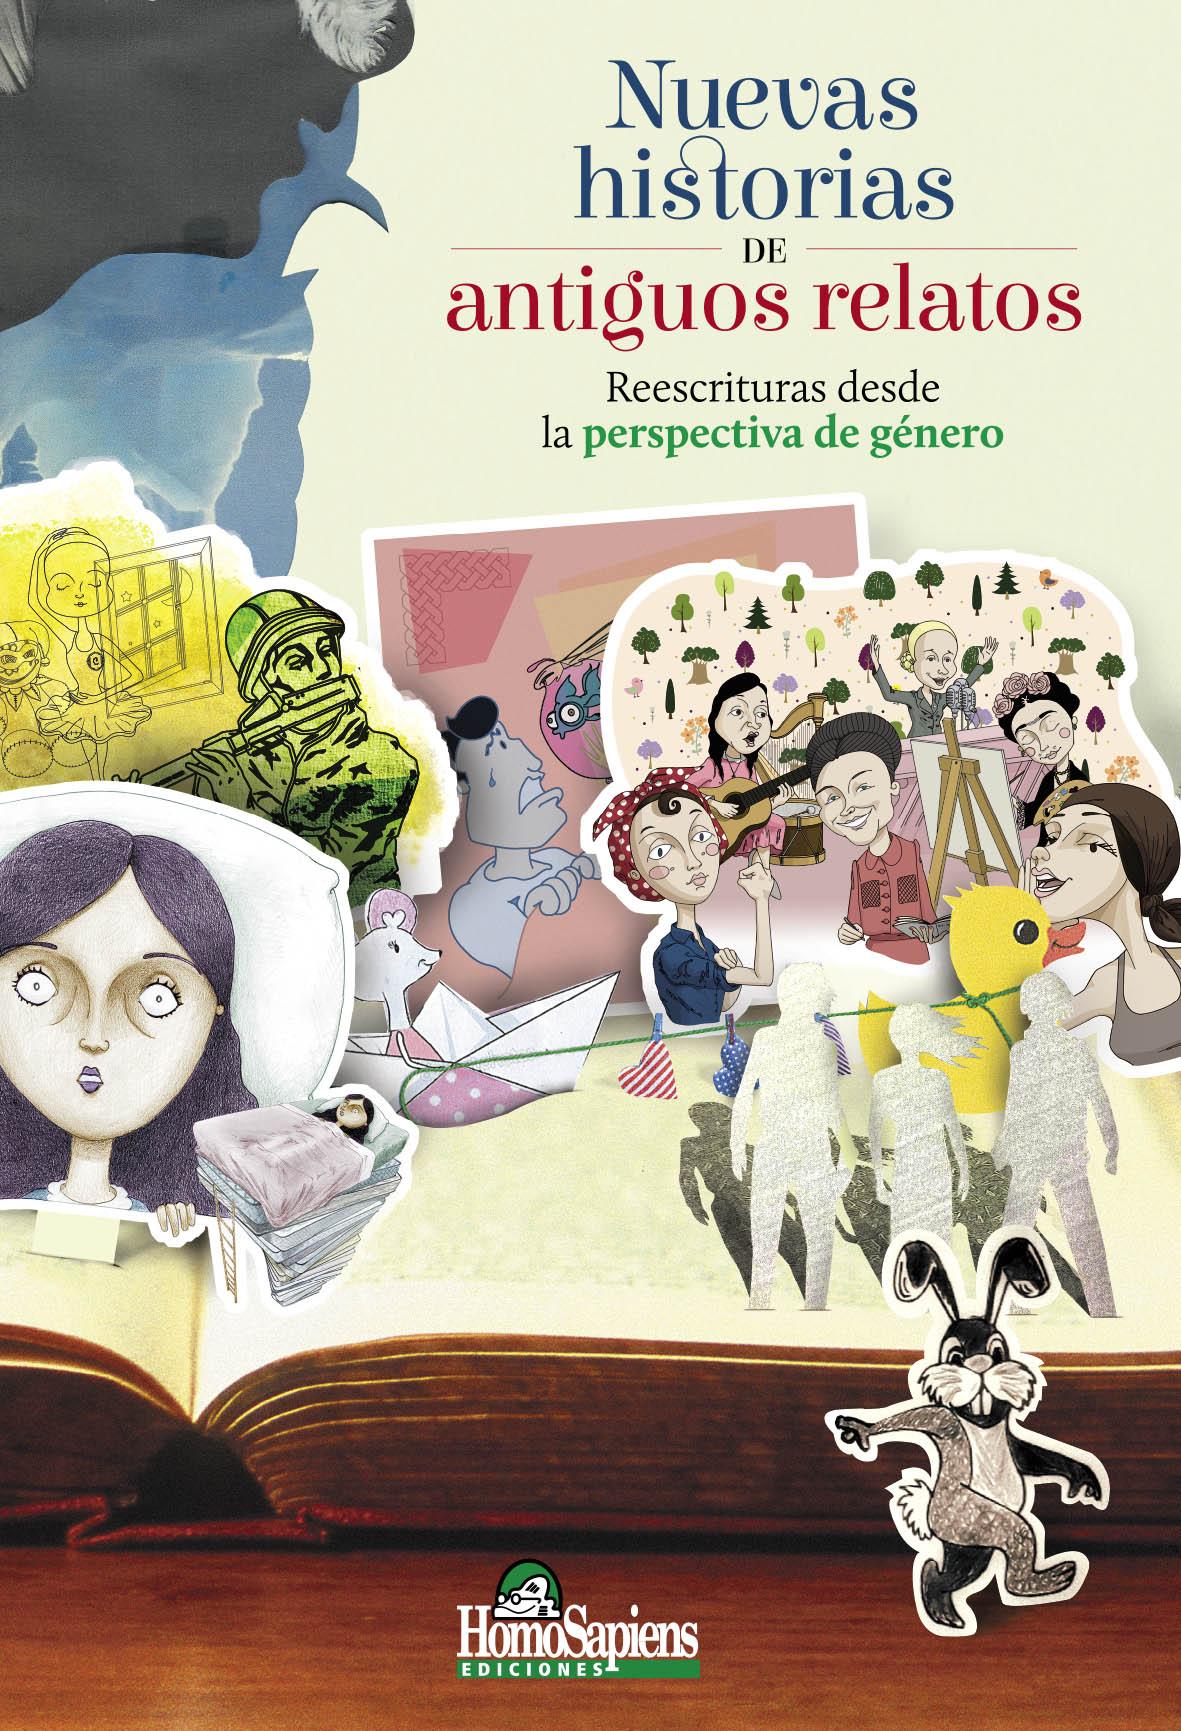 Nuevas historias de antiguos relatos. Reescrituras desde la perspectiva de género